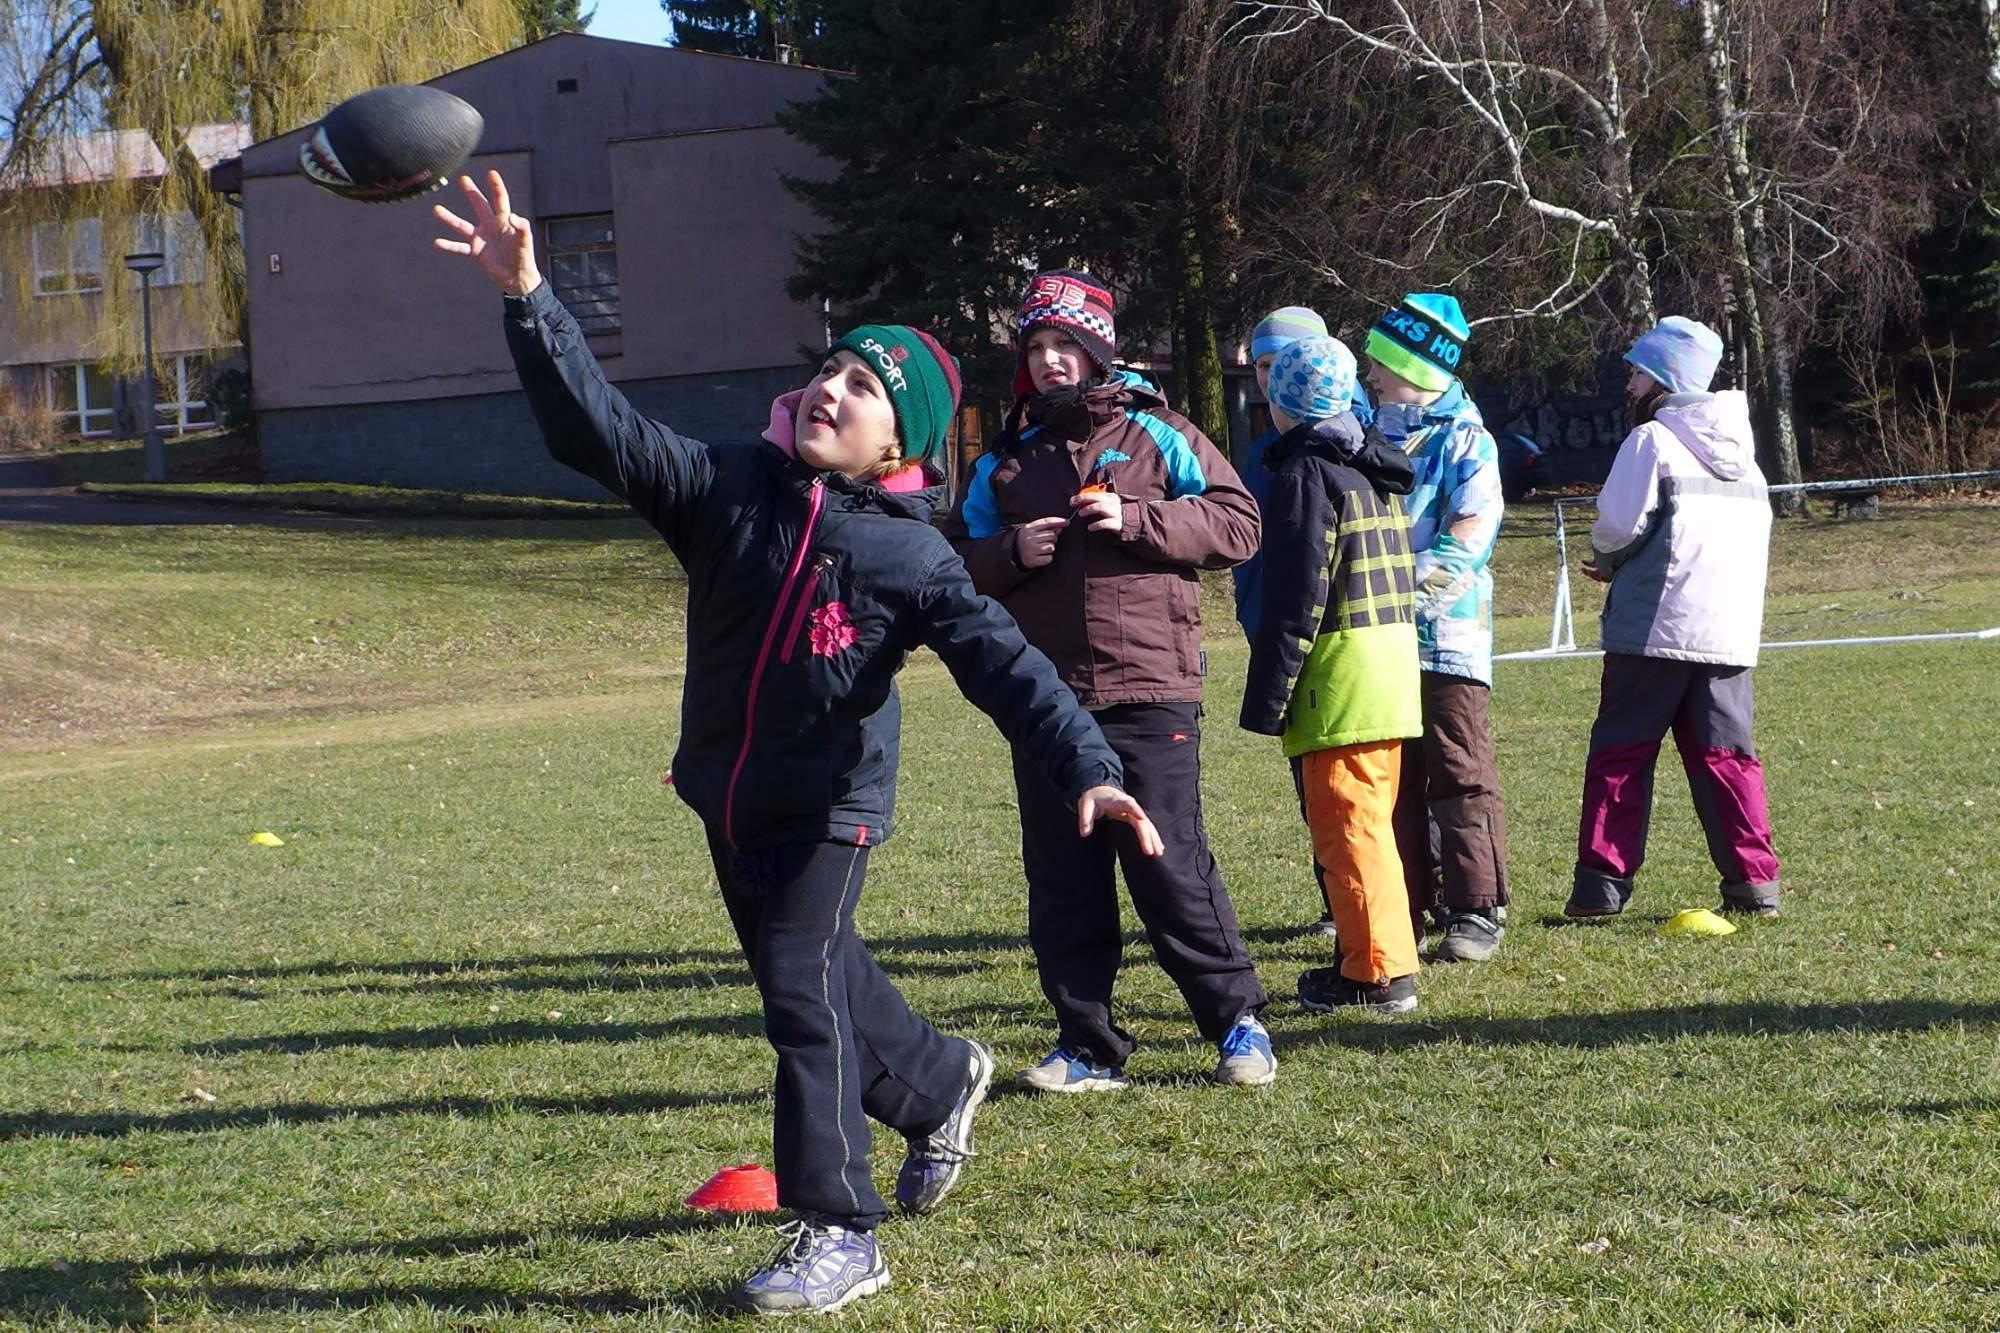 Super Bow[w]l | venkovní trénink - americký fotbal